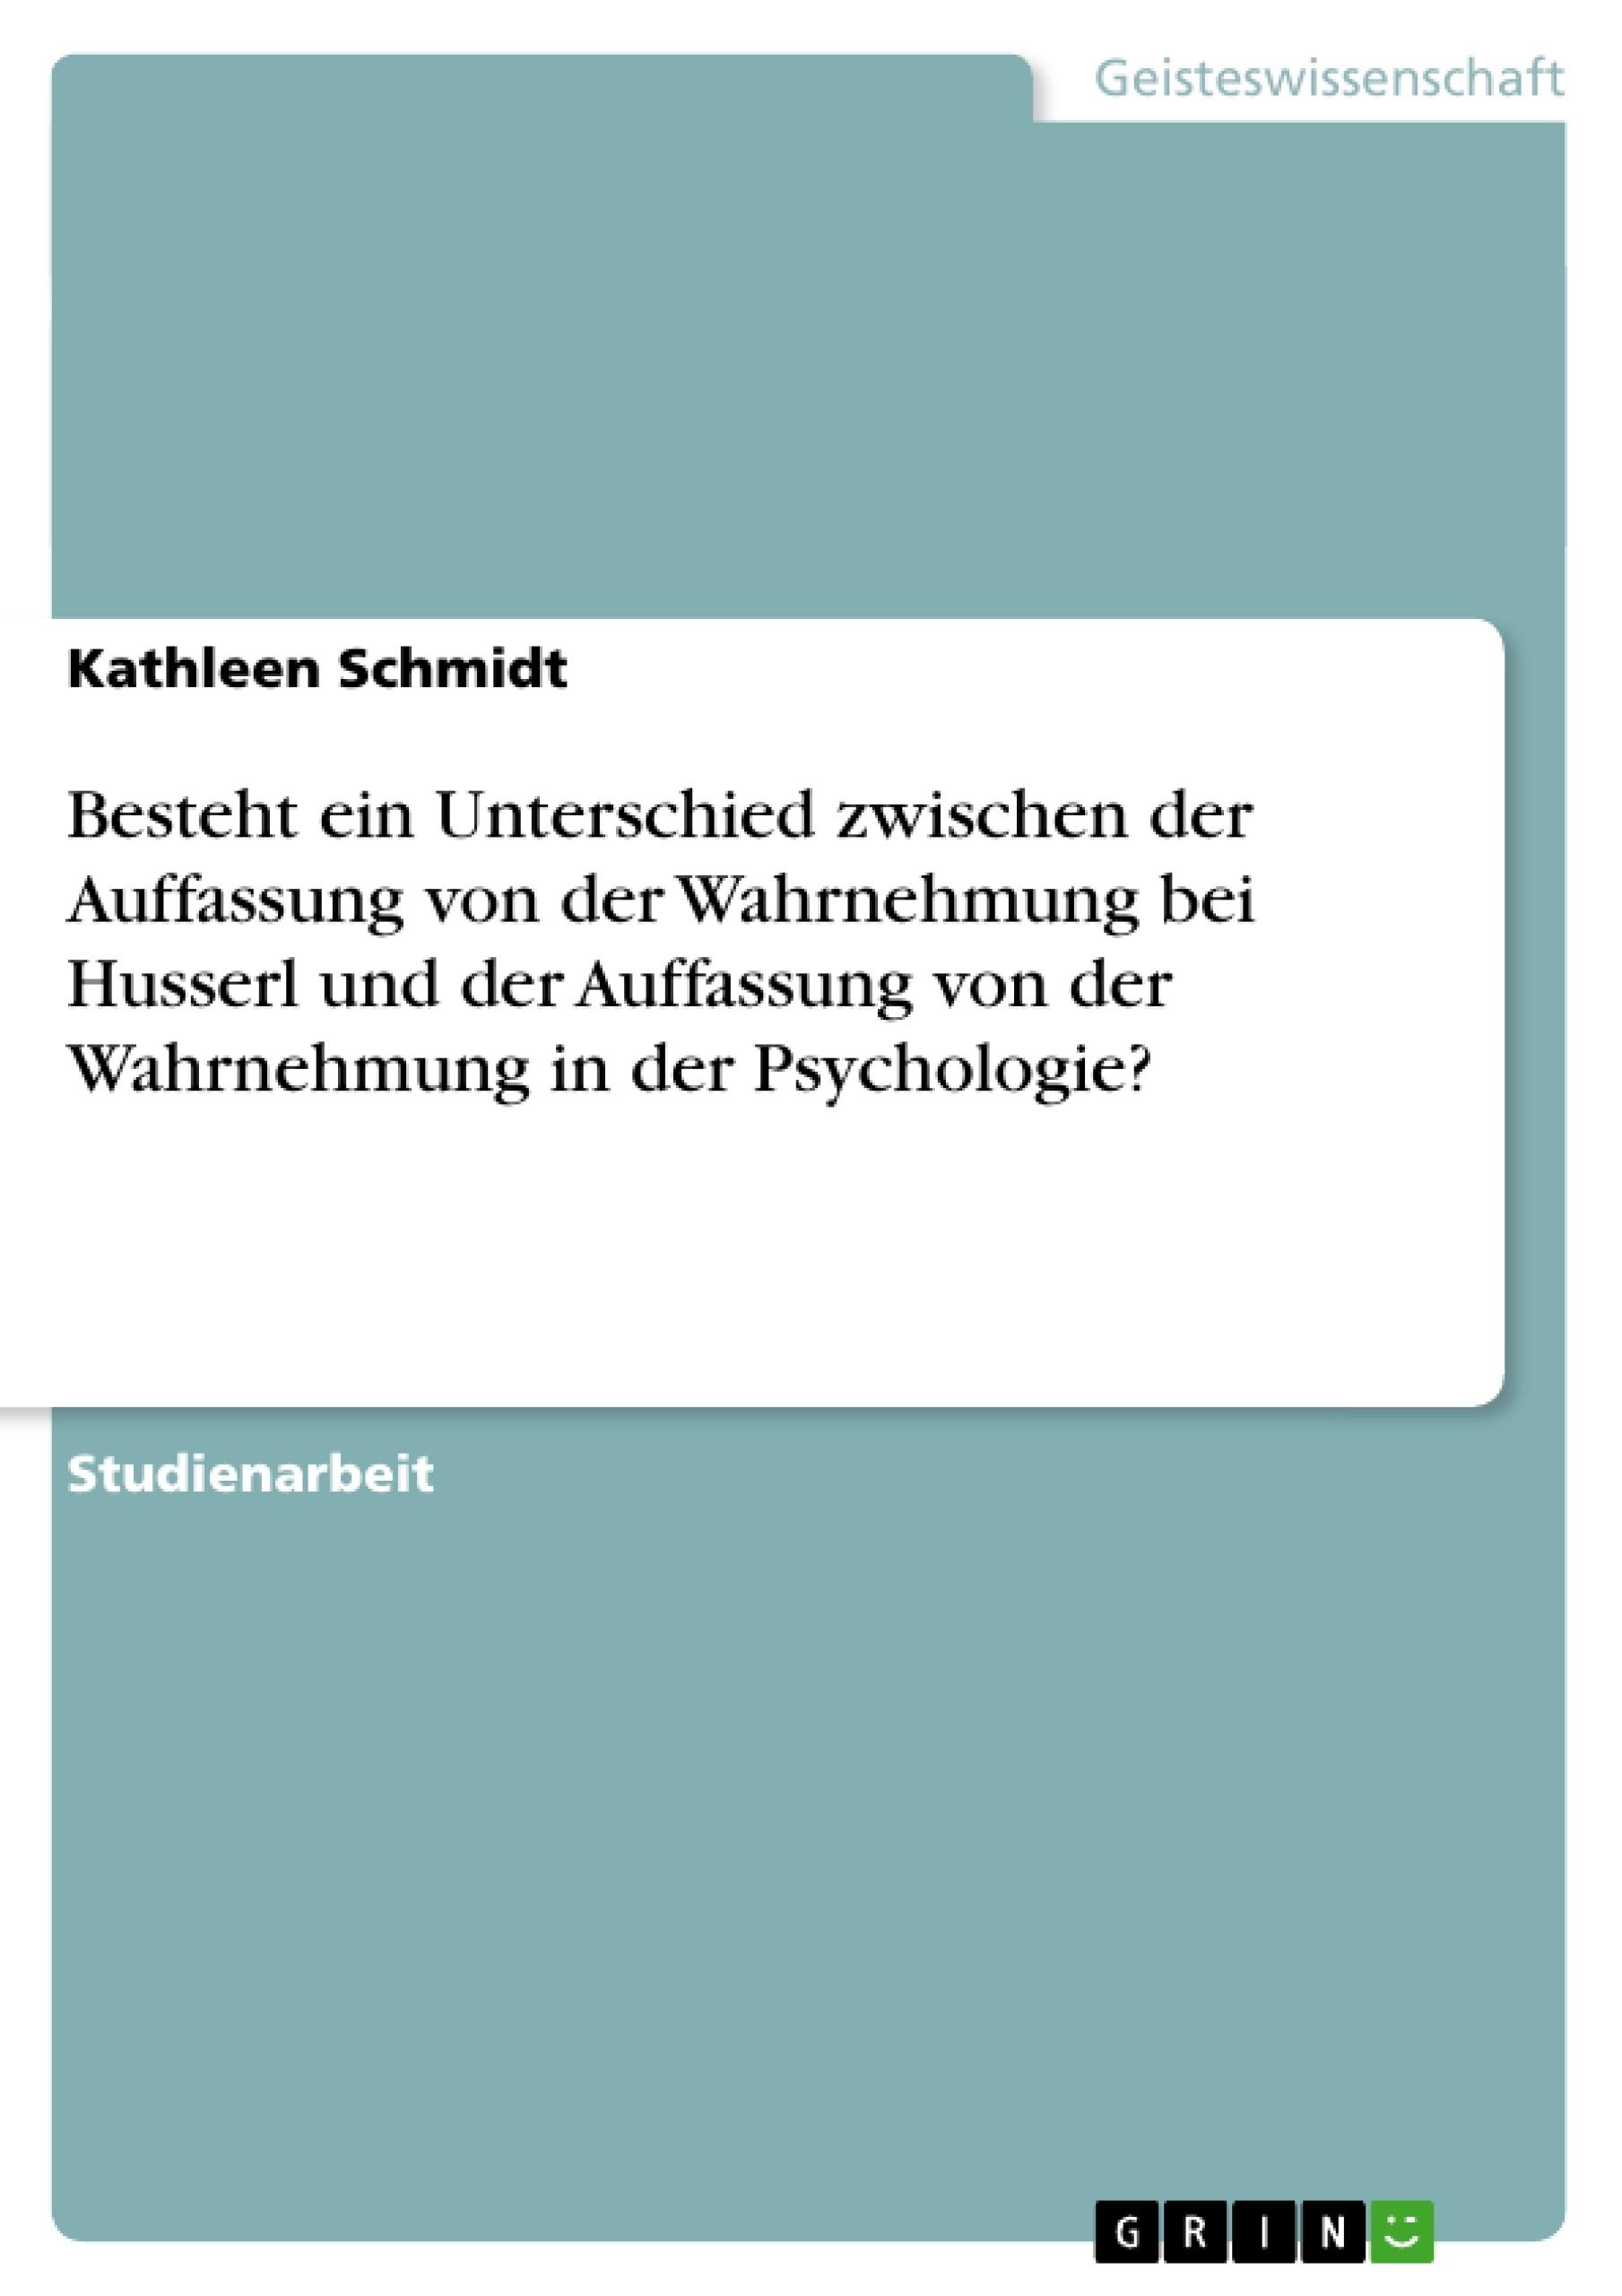 Titel: Besteht ein Unterschied zwischen der Auffassung von der Wahrnehmung bei Husserl und der Auffassung von der Wahrnehmung in der Psychologie?